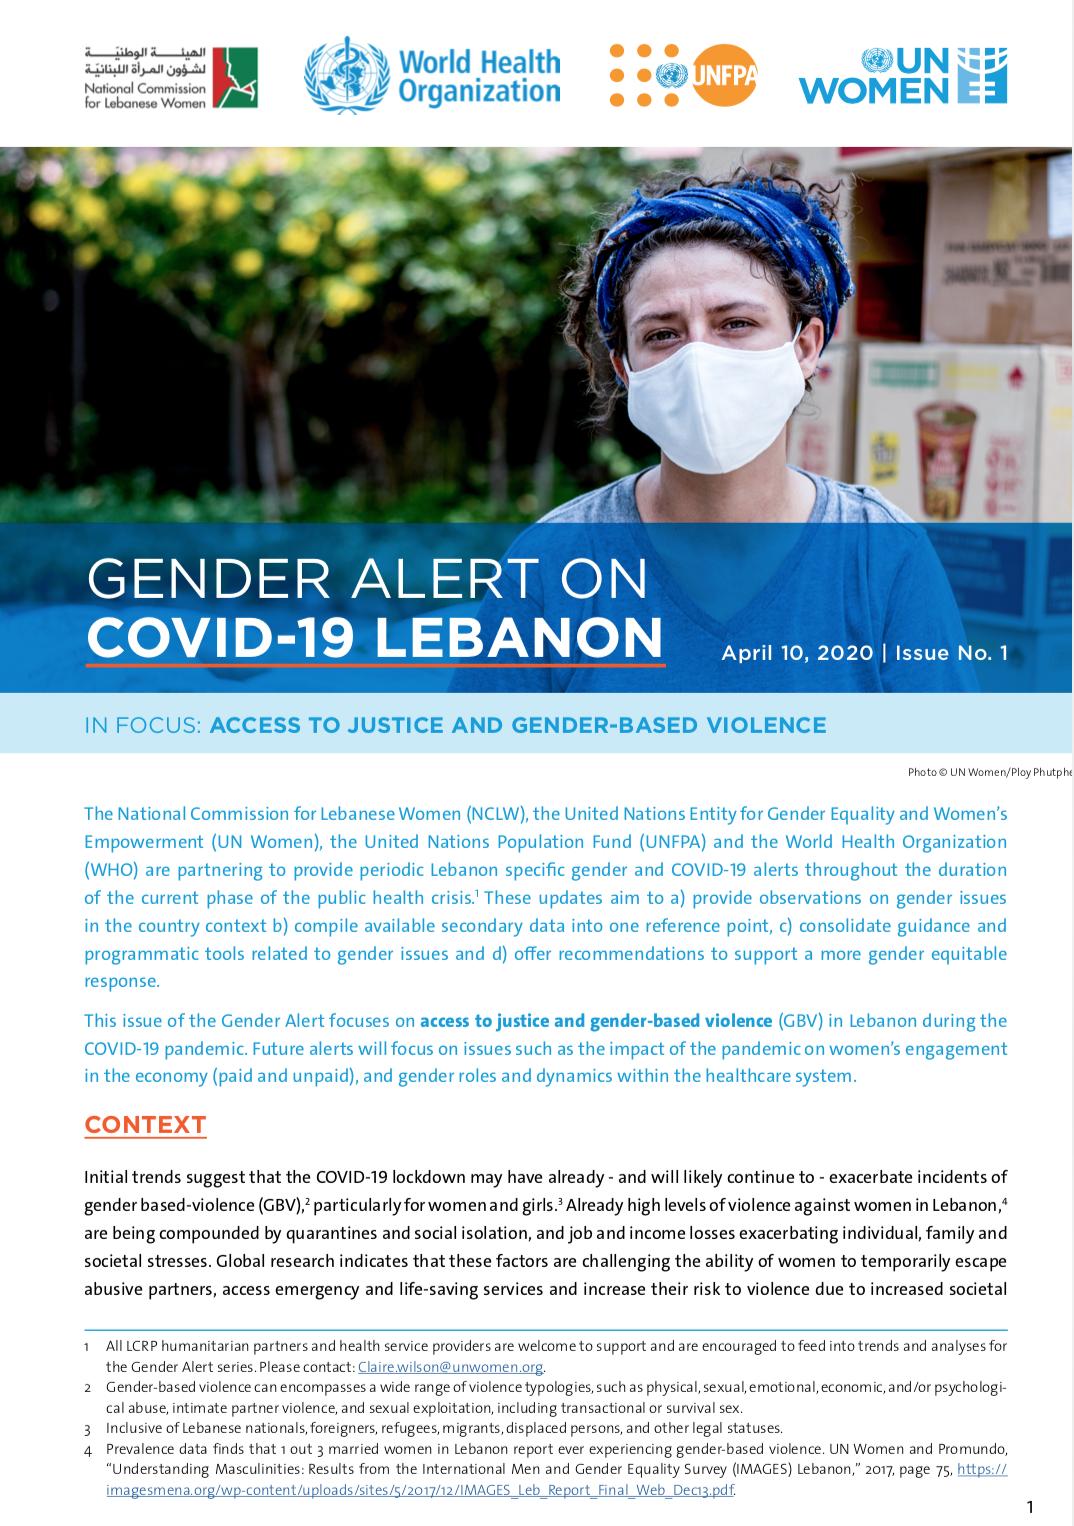 Gender Alert 1 on COVID Lebanon